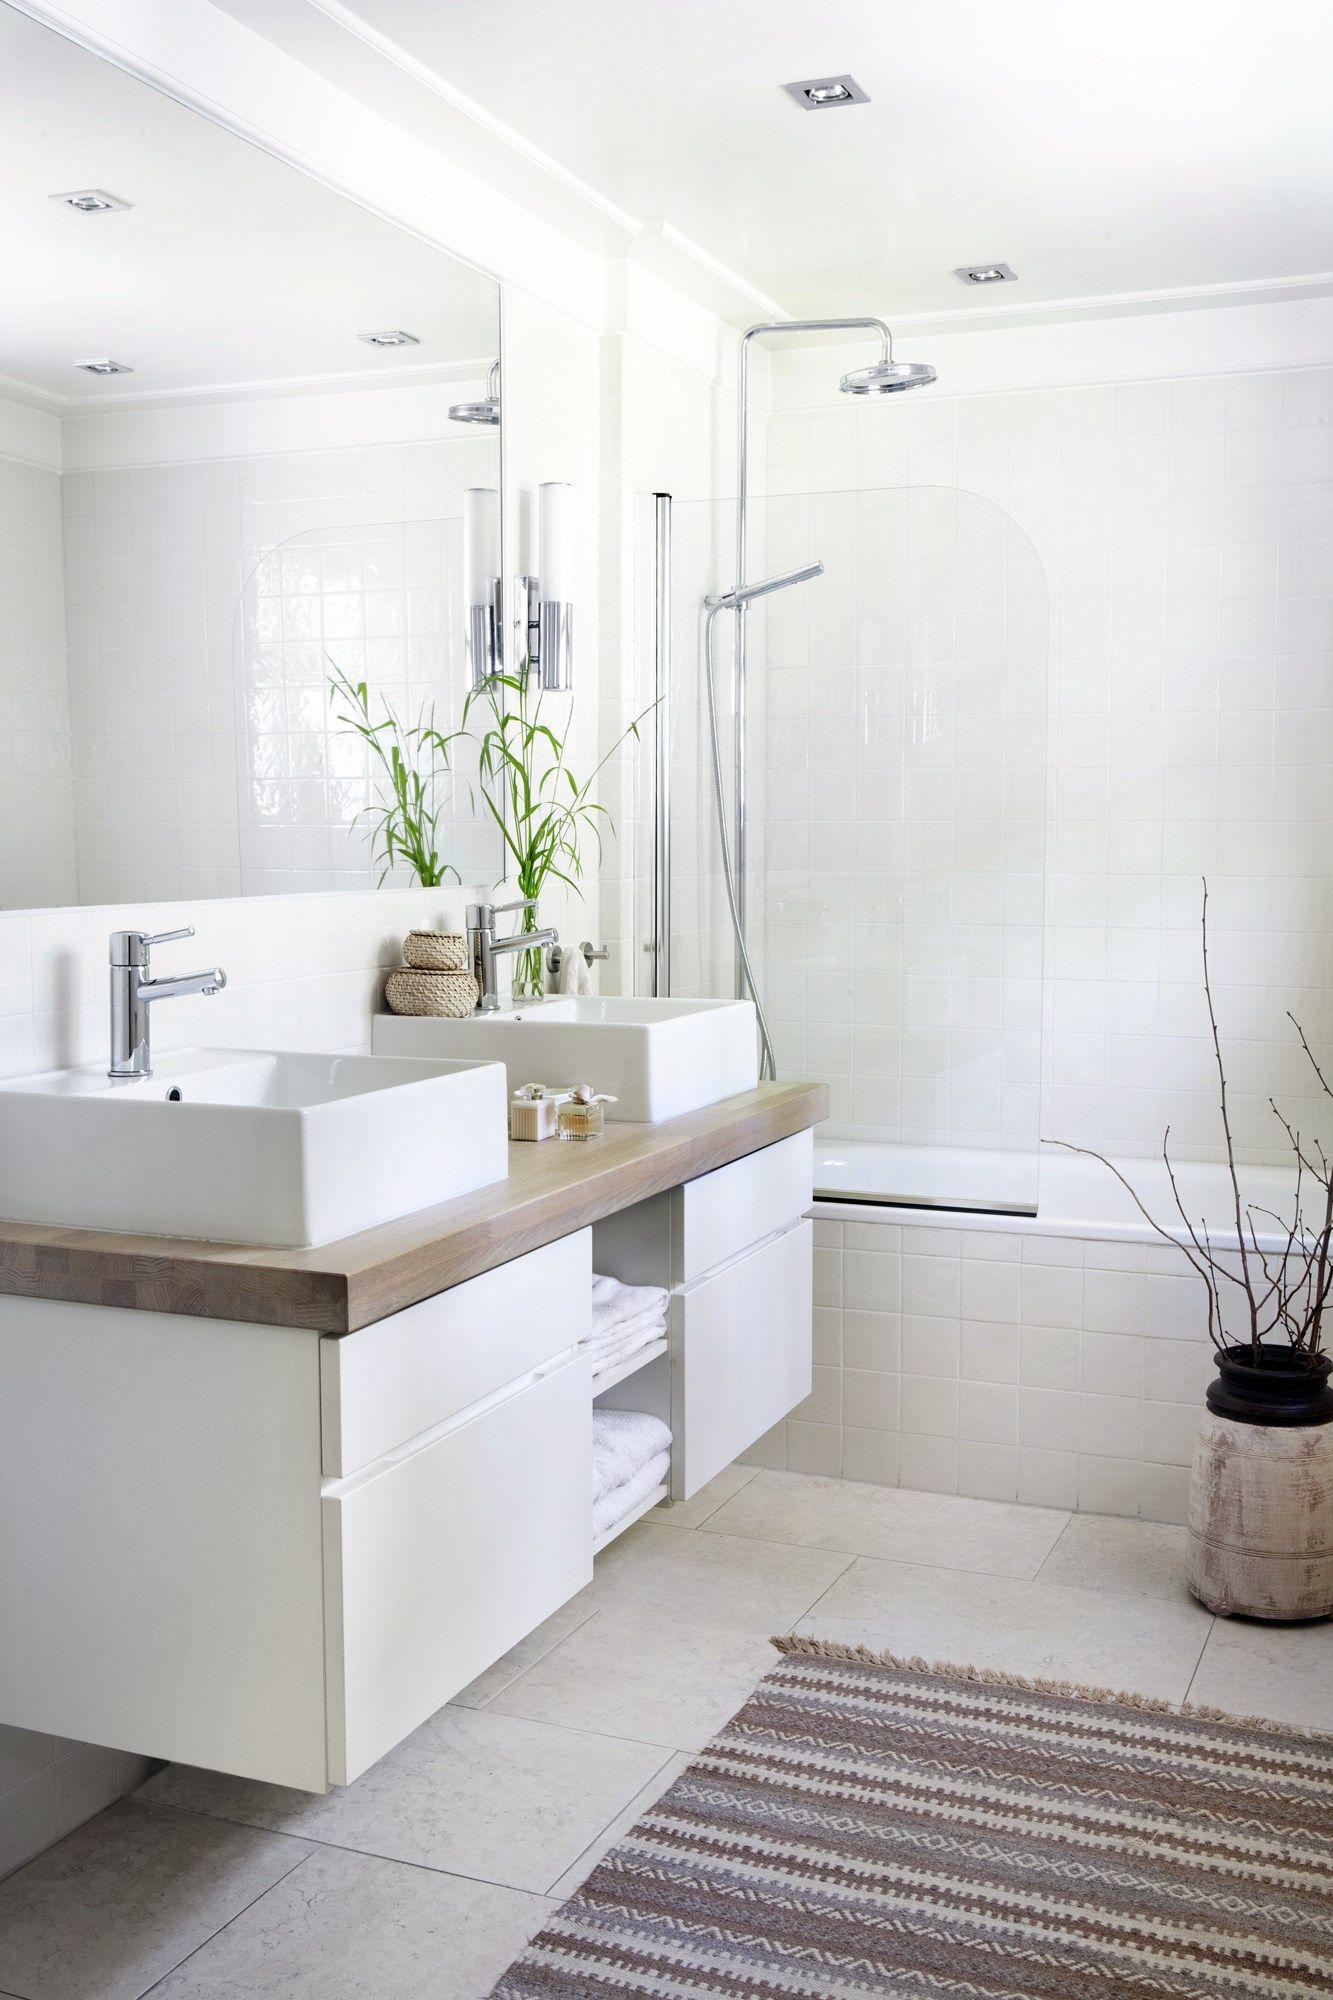 Scandinavian Design Classics in the Bathroom next